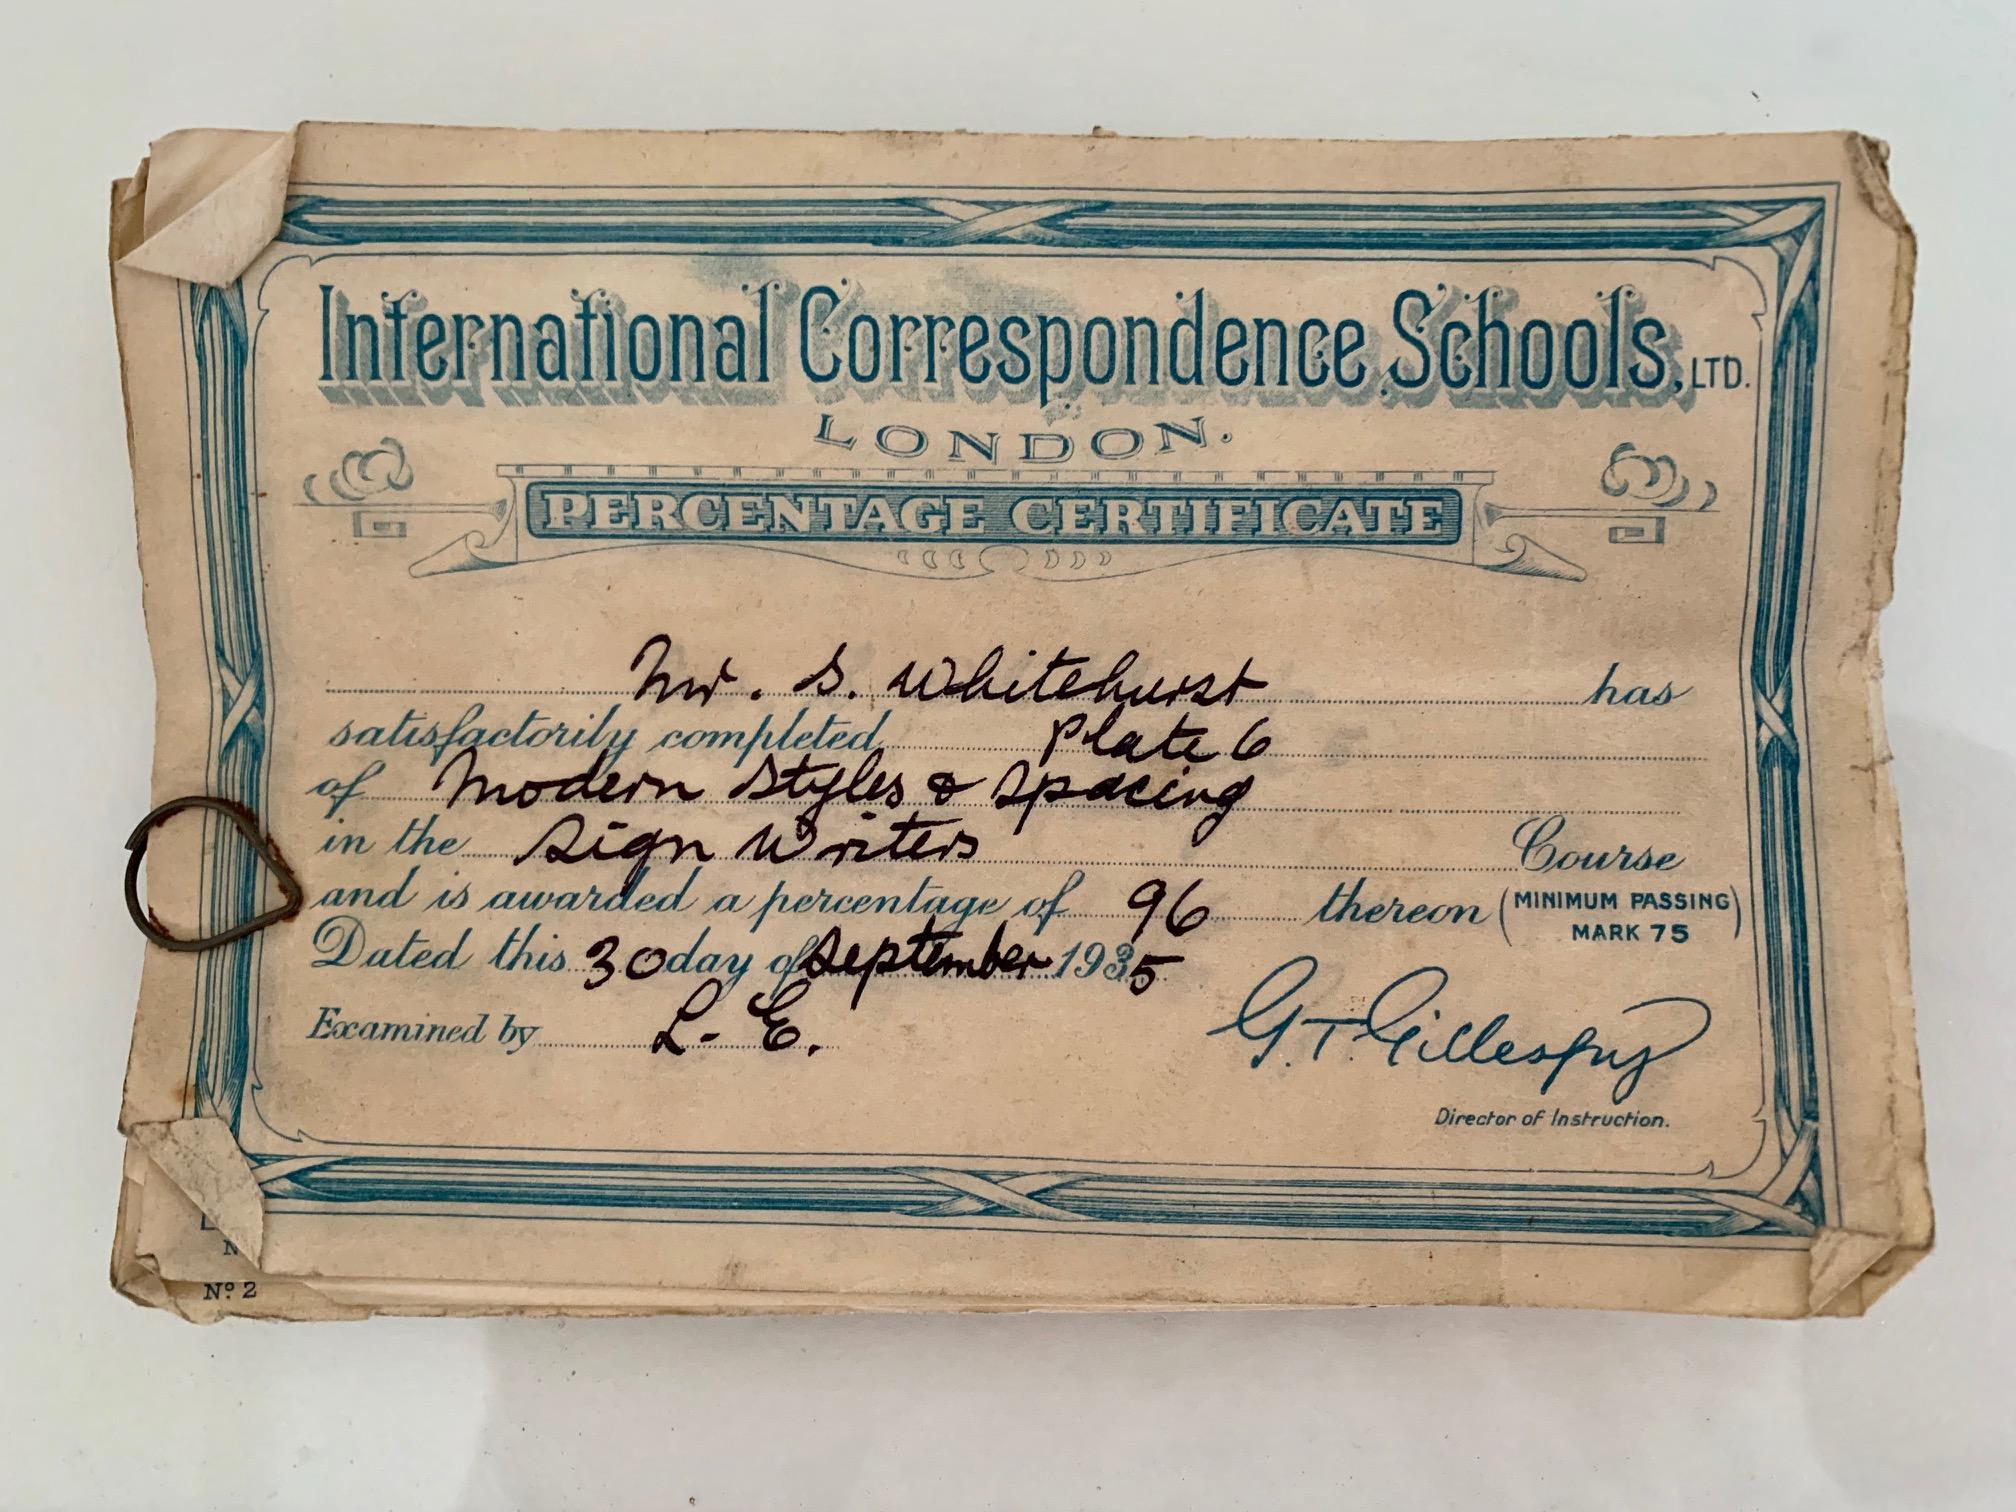 International Correspondence Schools Certificate